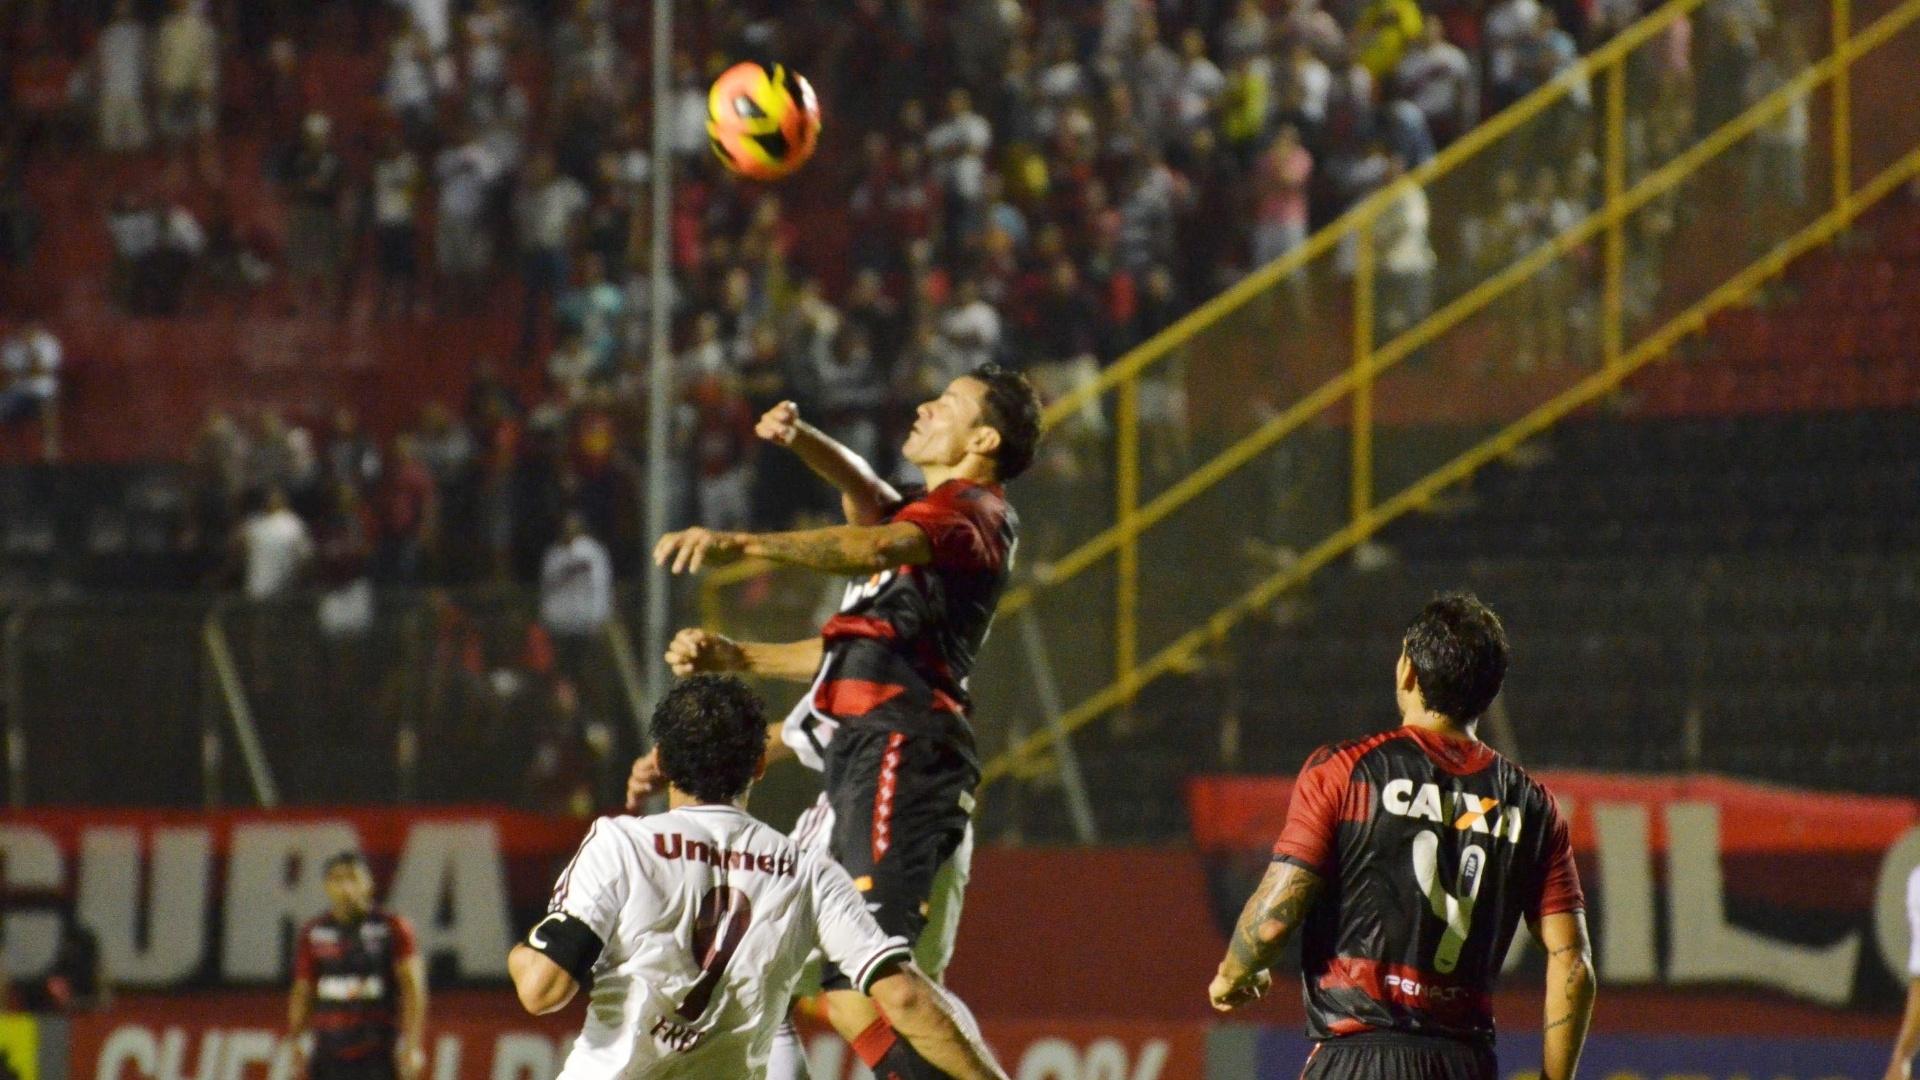 07.08.13 - Zaga do Vitória afasta perigo da defesa na partida contra o Fluminense